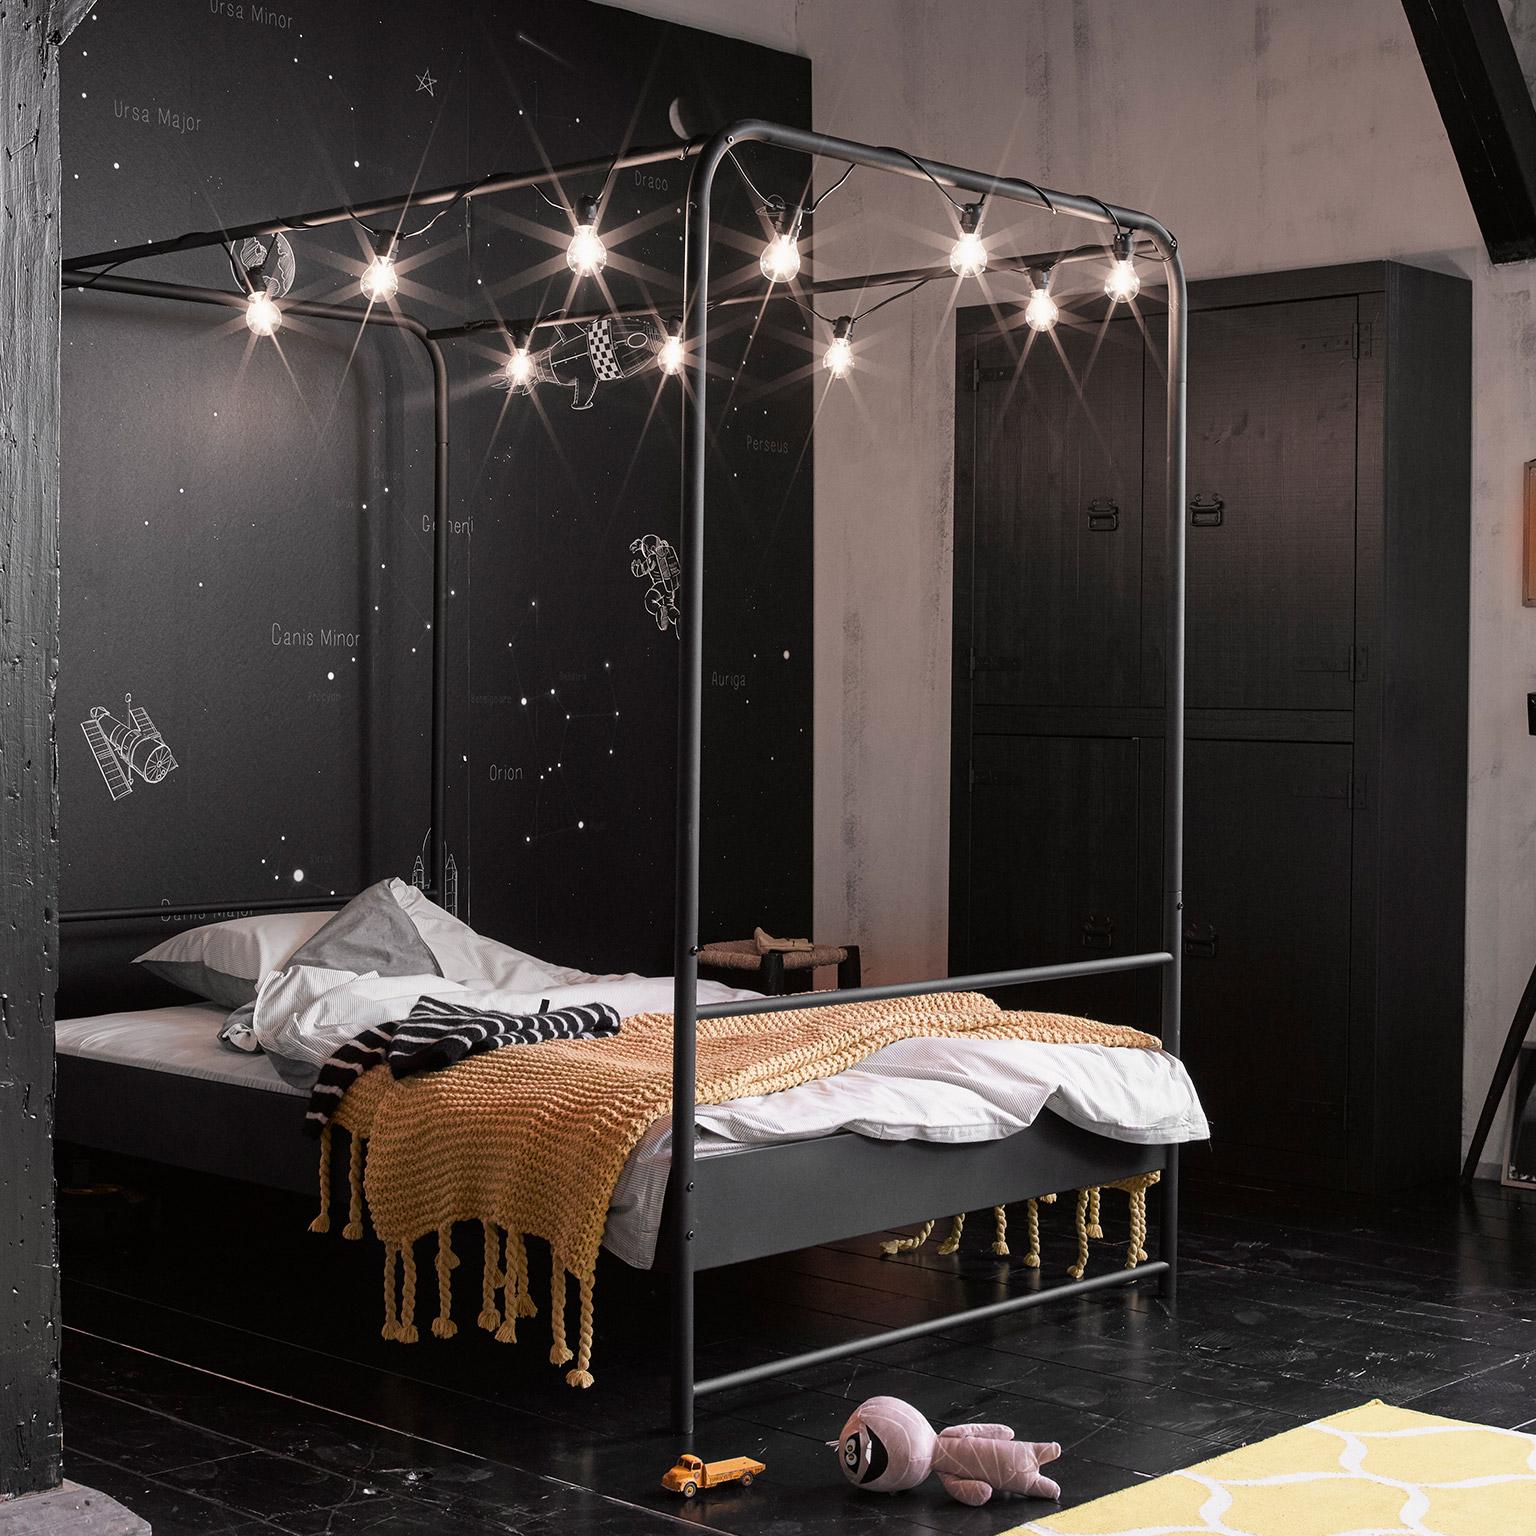 120 Bed Kopen.Vtwonen Bed Bunk 120 X 200cm Kleur Zwart Root Catalog Meubel